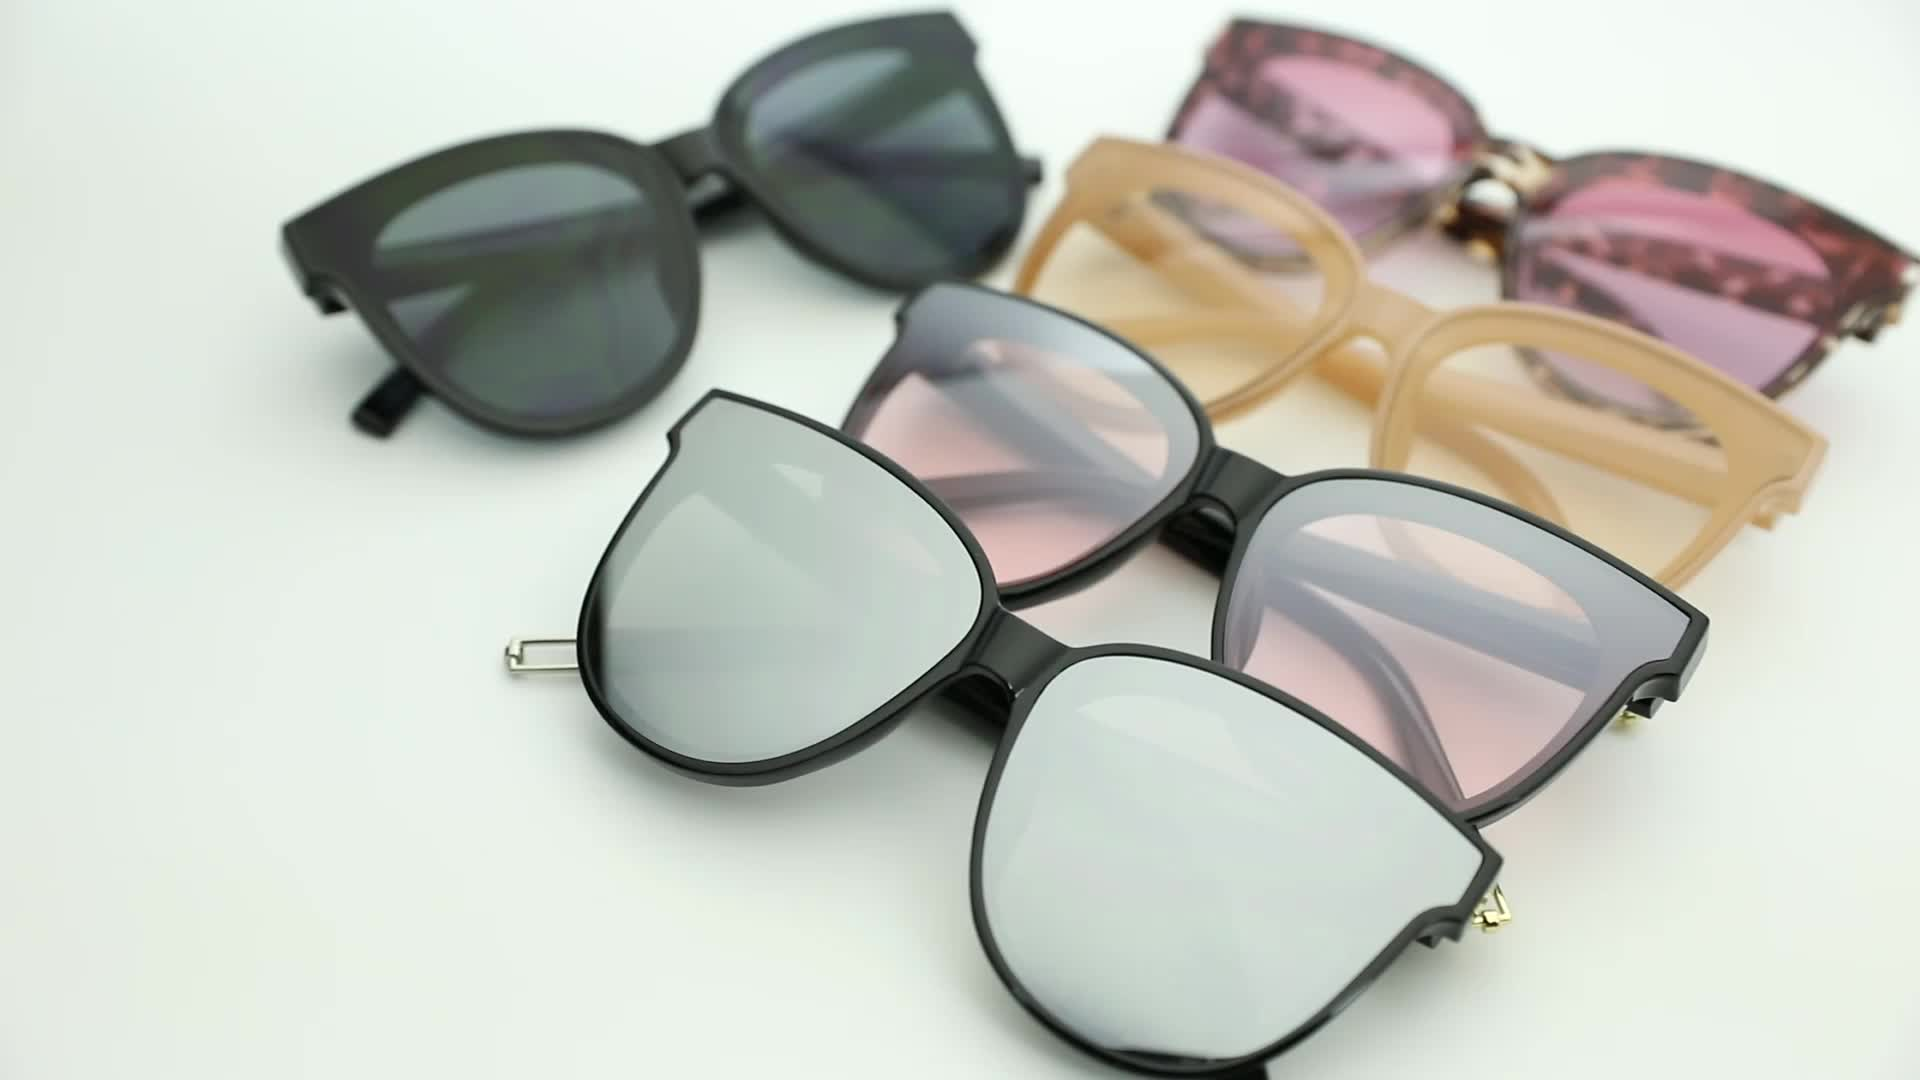 KUAN FASHION Brand Manufacturers 2019 Custom Designer Retro UV Sunglasses Butterfly Frame Vintage Sun Glasses For Men Women